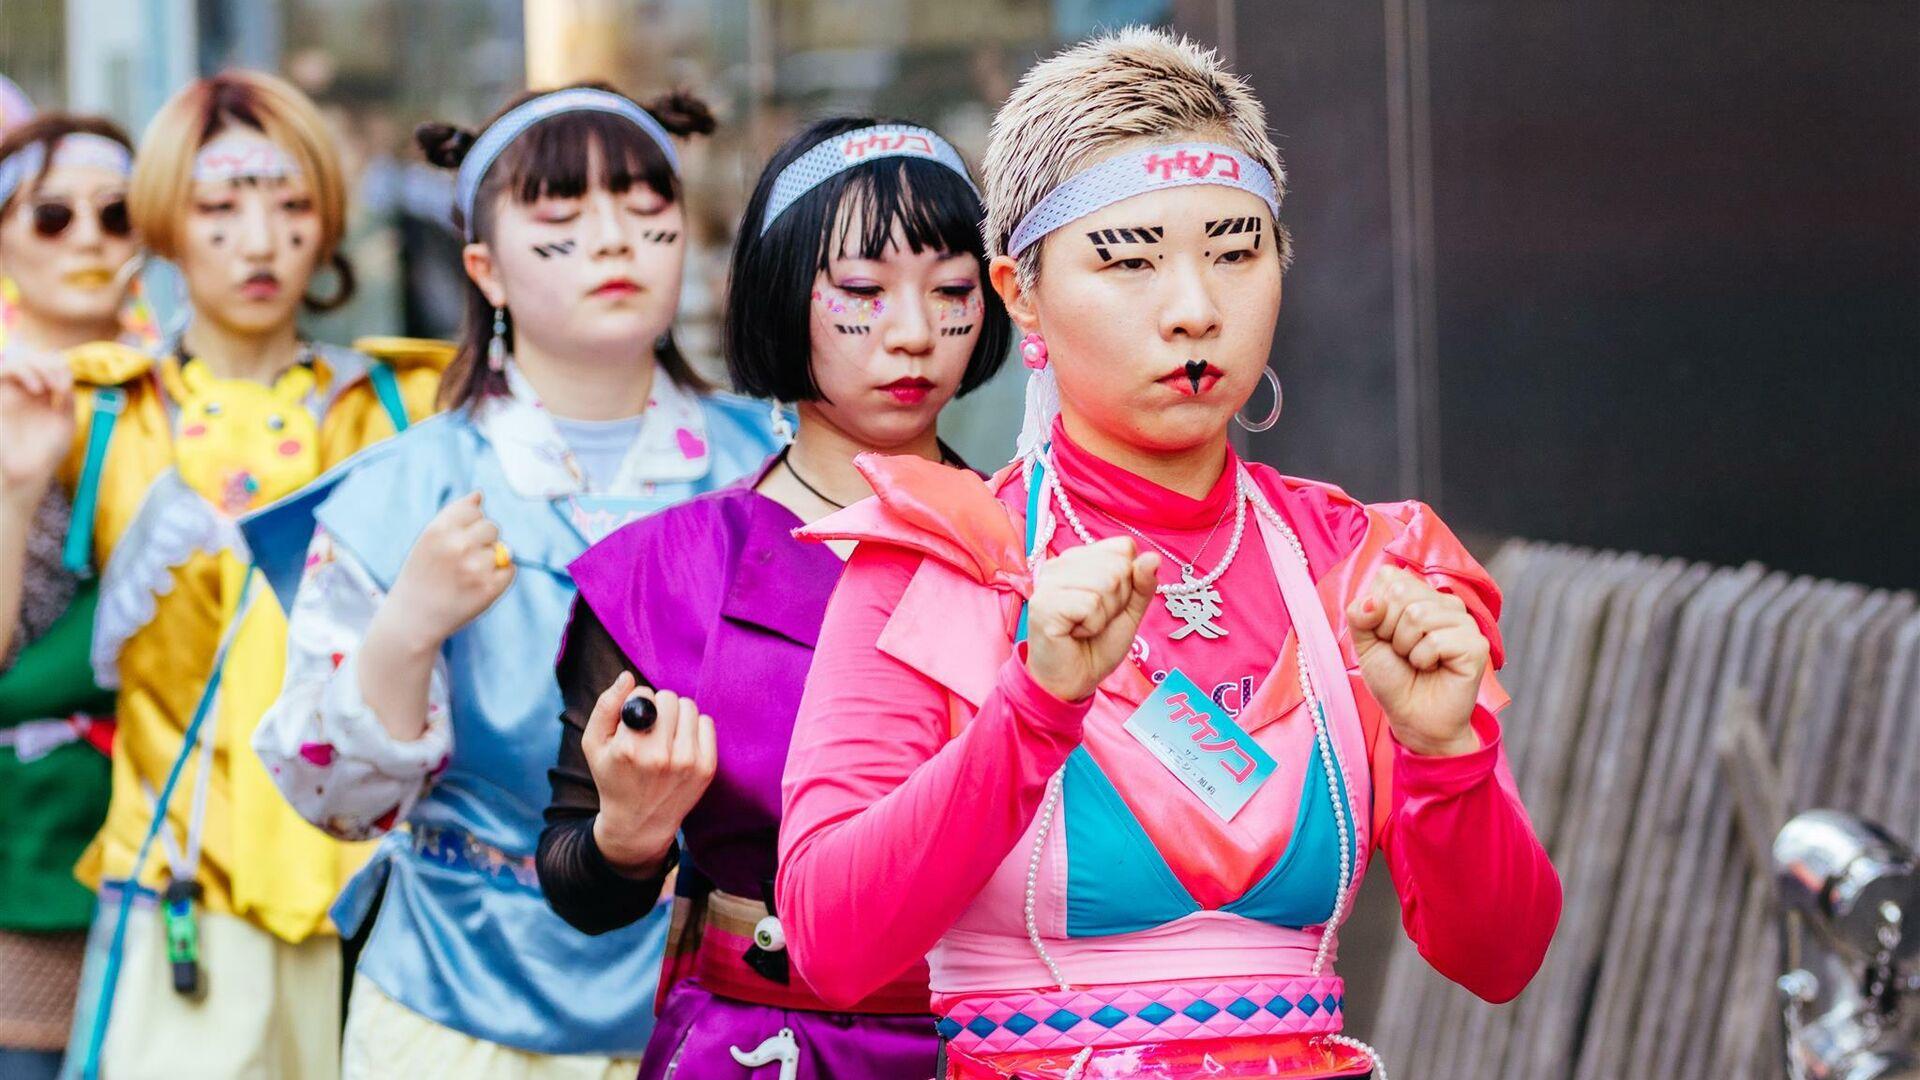 Косплейщицы на улице Харадзюку в Токио, Япония - РИА Новости, 1920, 12.11.2019